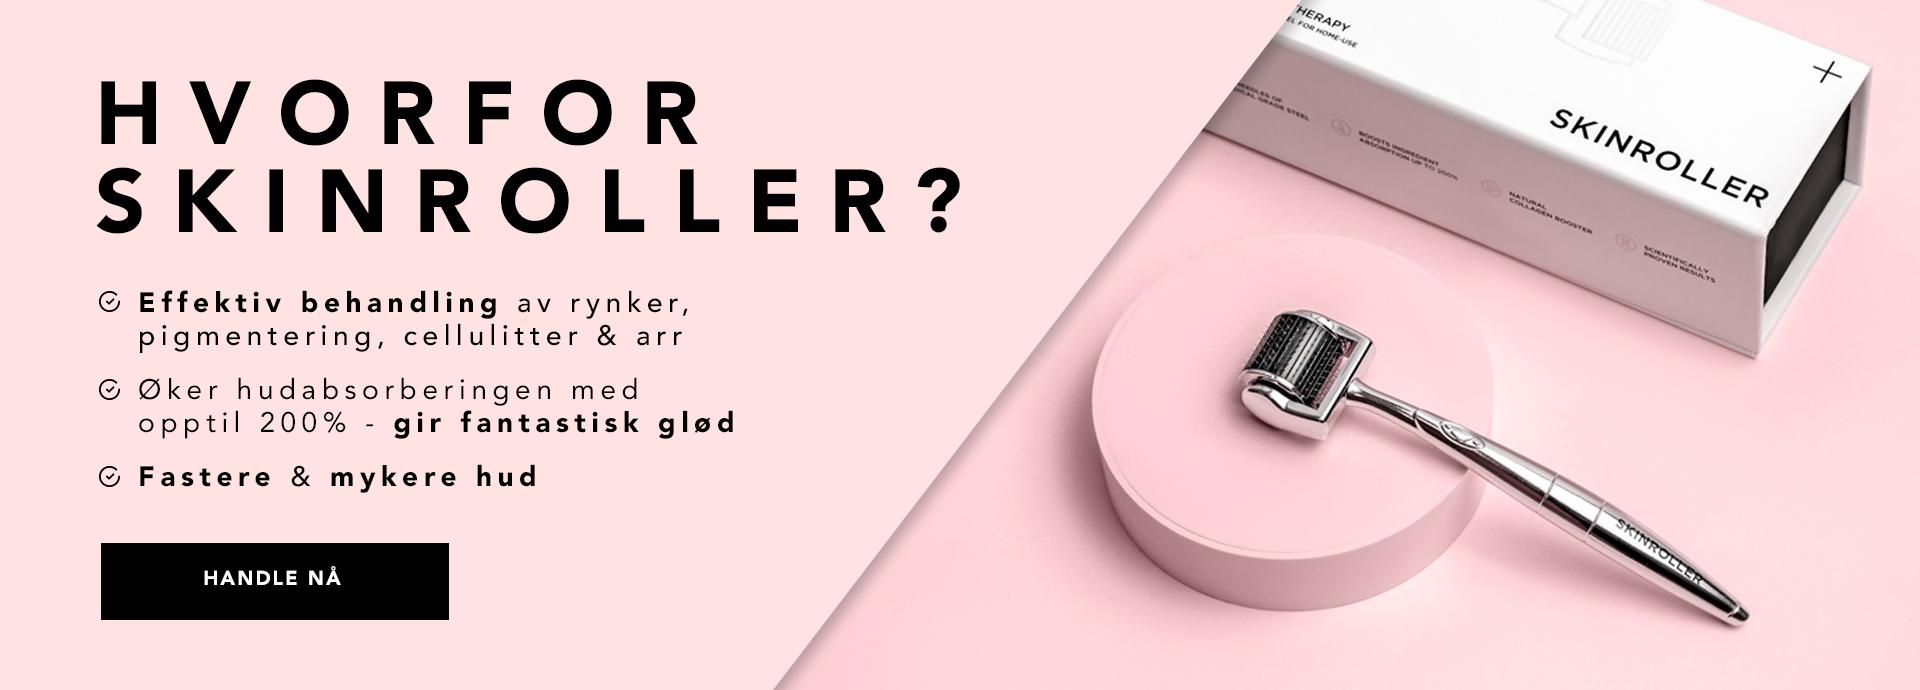 https://www.skinroller.no/image/6250/start-varfor-skinroller-dekstop.jpg